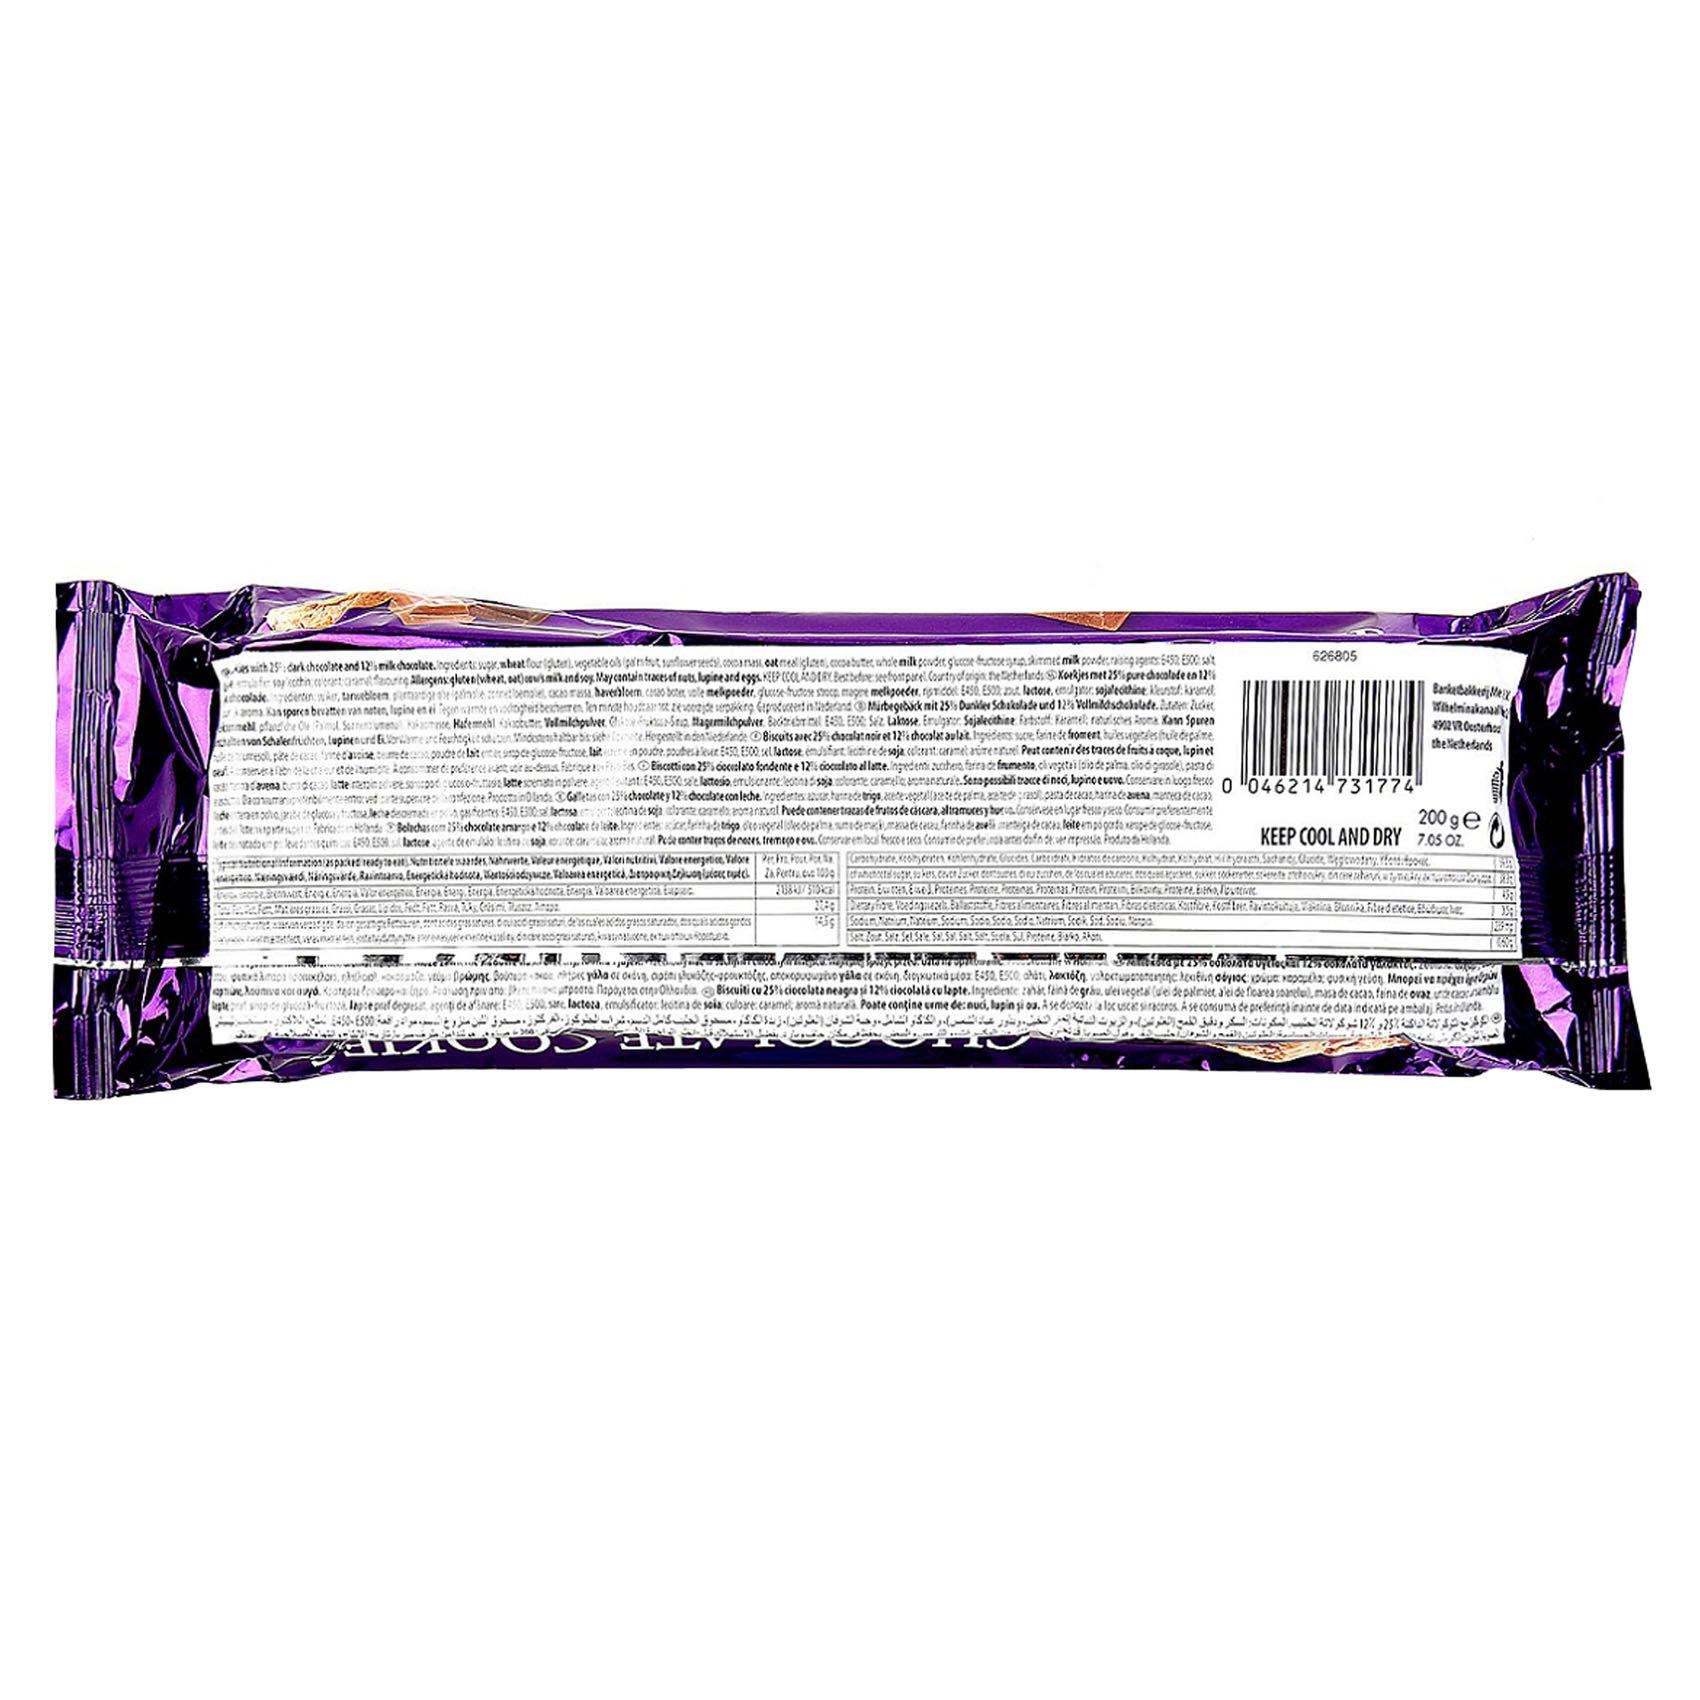 MERBA CHOCOLATE COOKIES 200GR